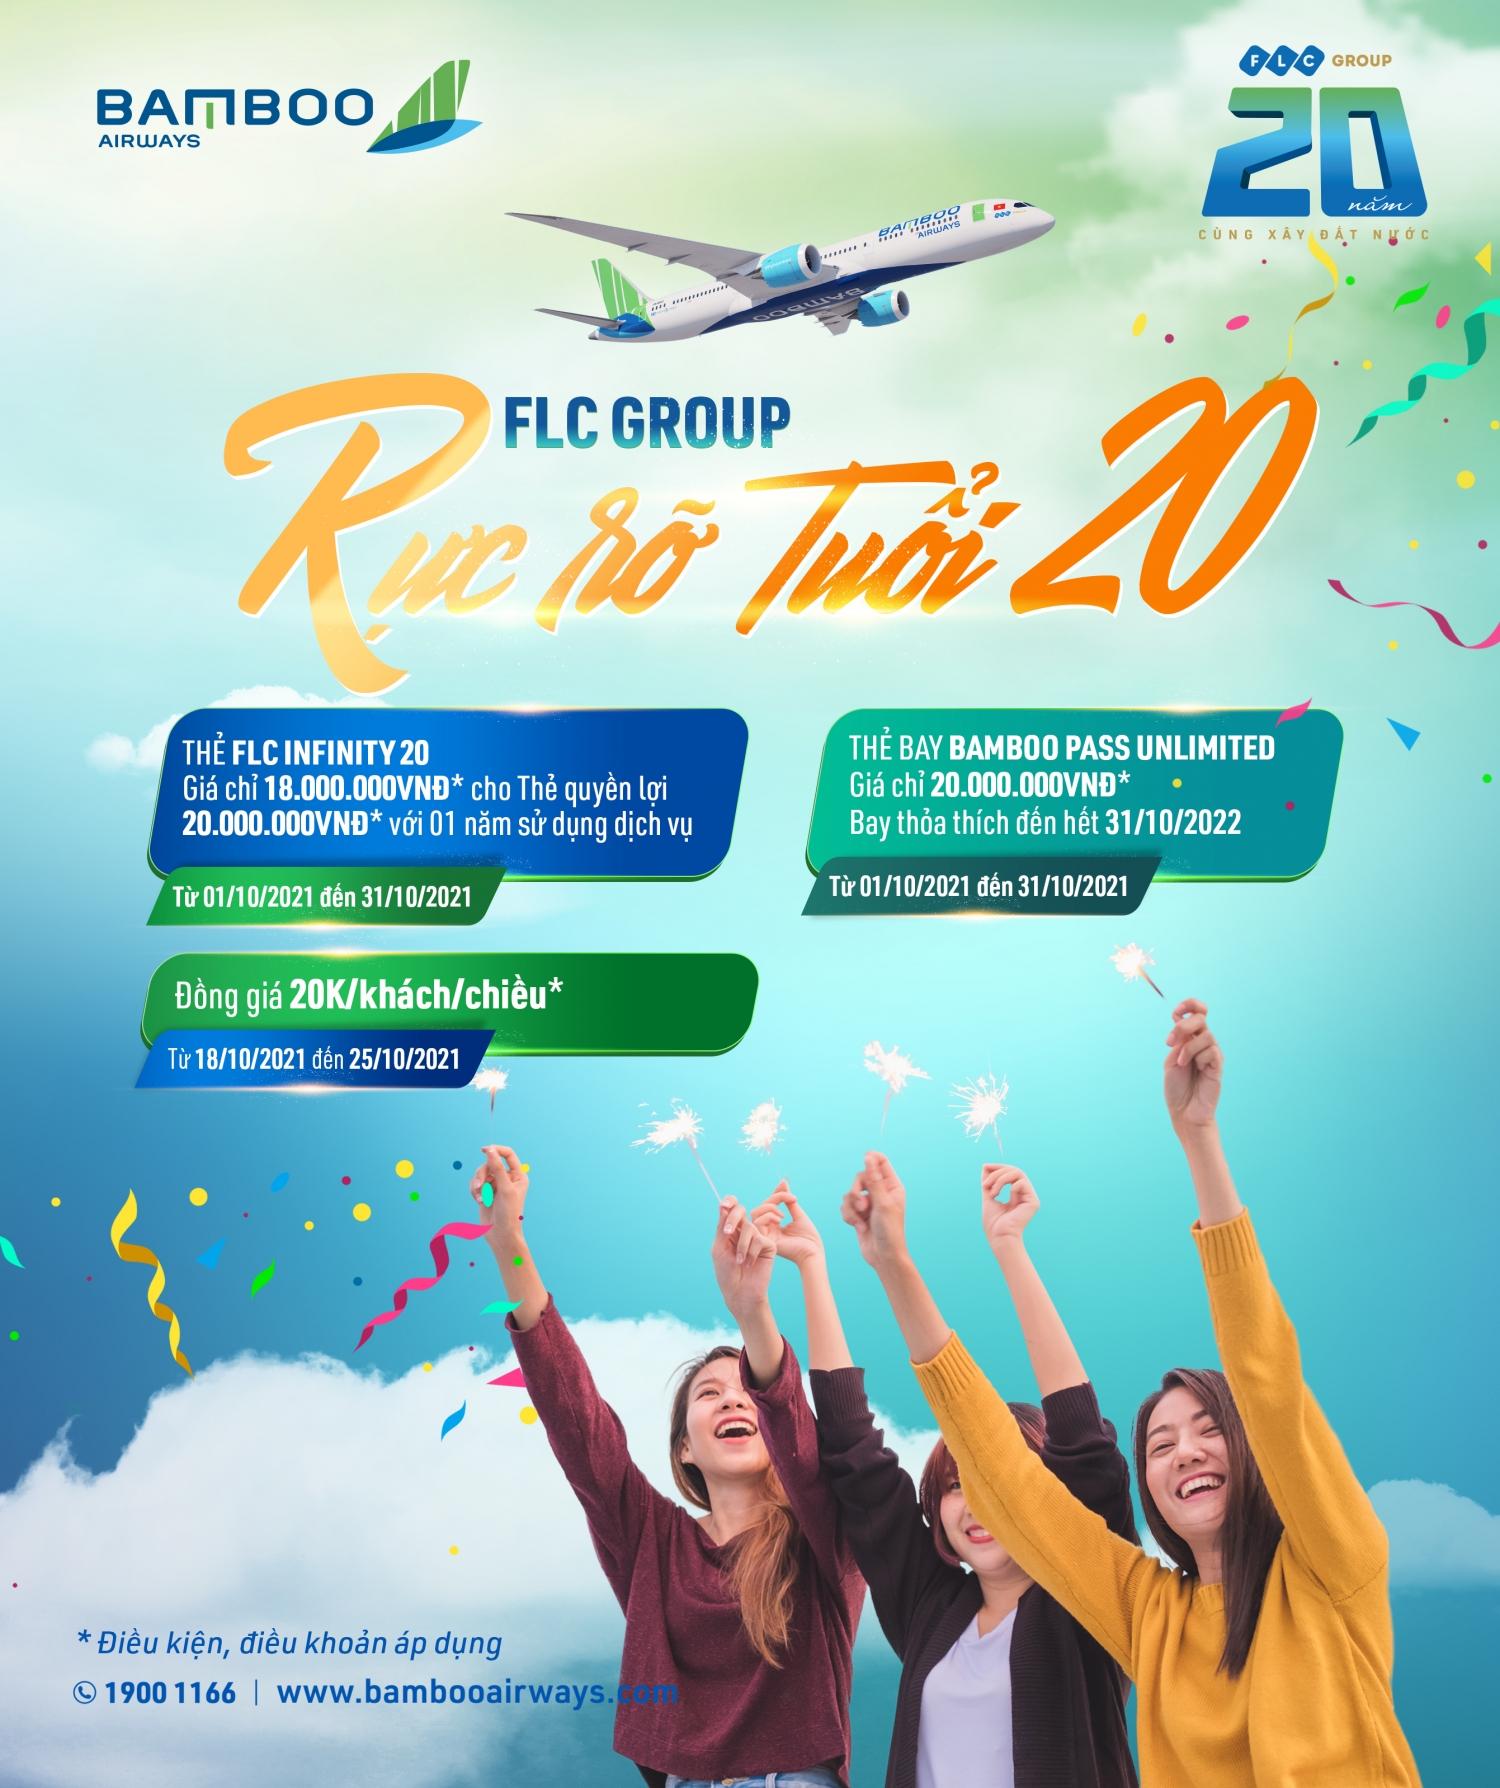 Bamboo Airways tưng bừng mở tiệc ưu đãi mừng sinh nhật FLC 20 tuổi